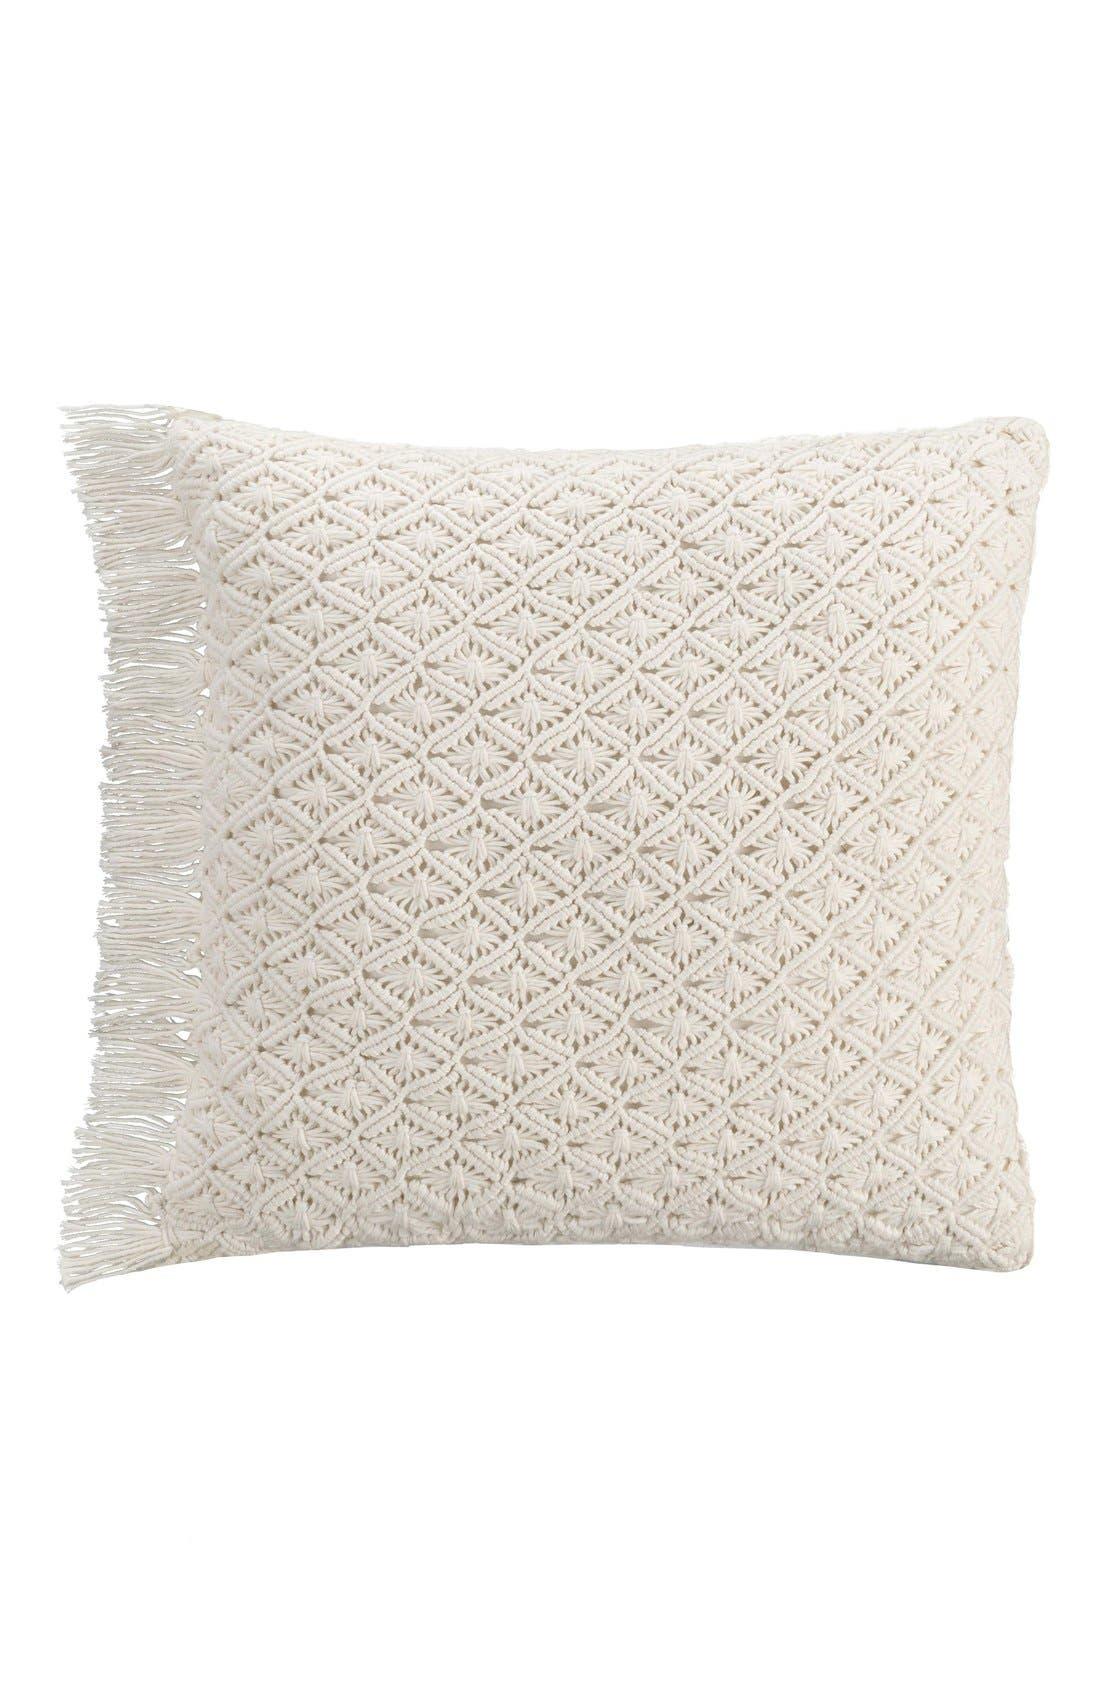 'Lace Medallion' Crochet Pillow,                         Main,                         color,